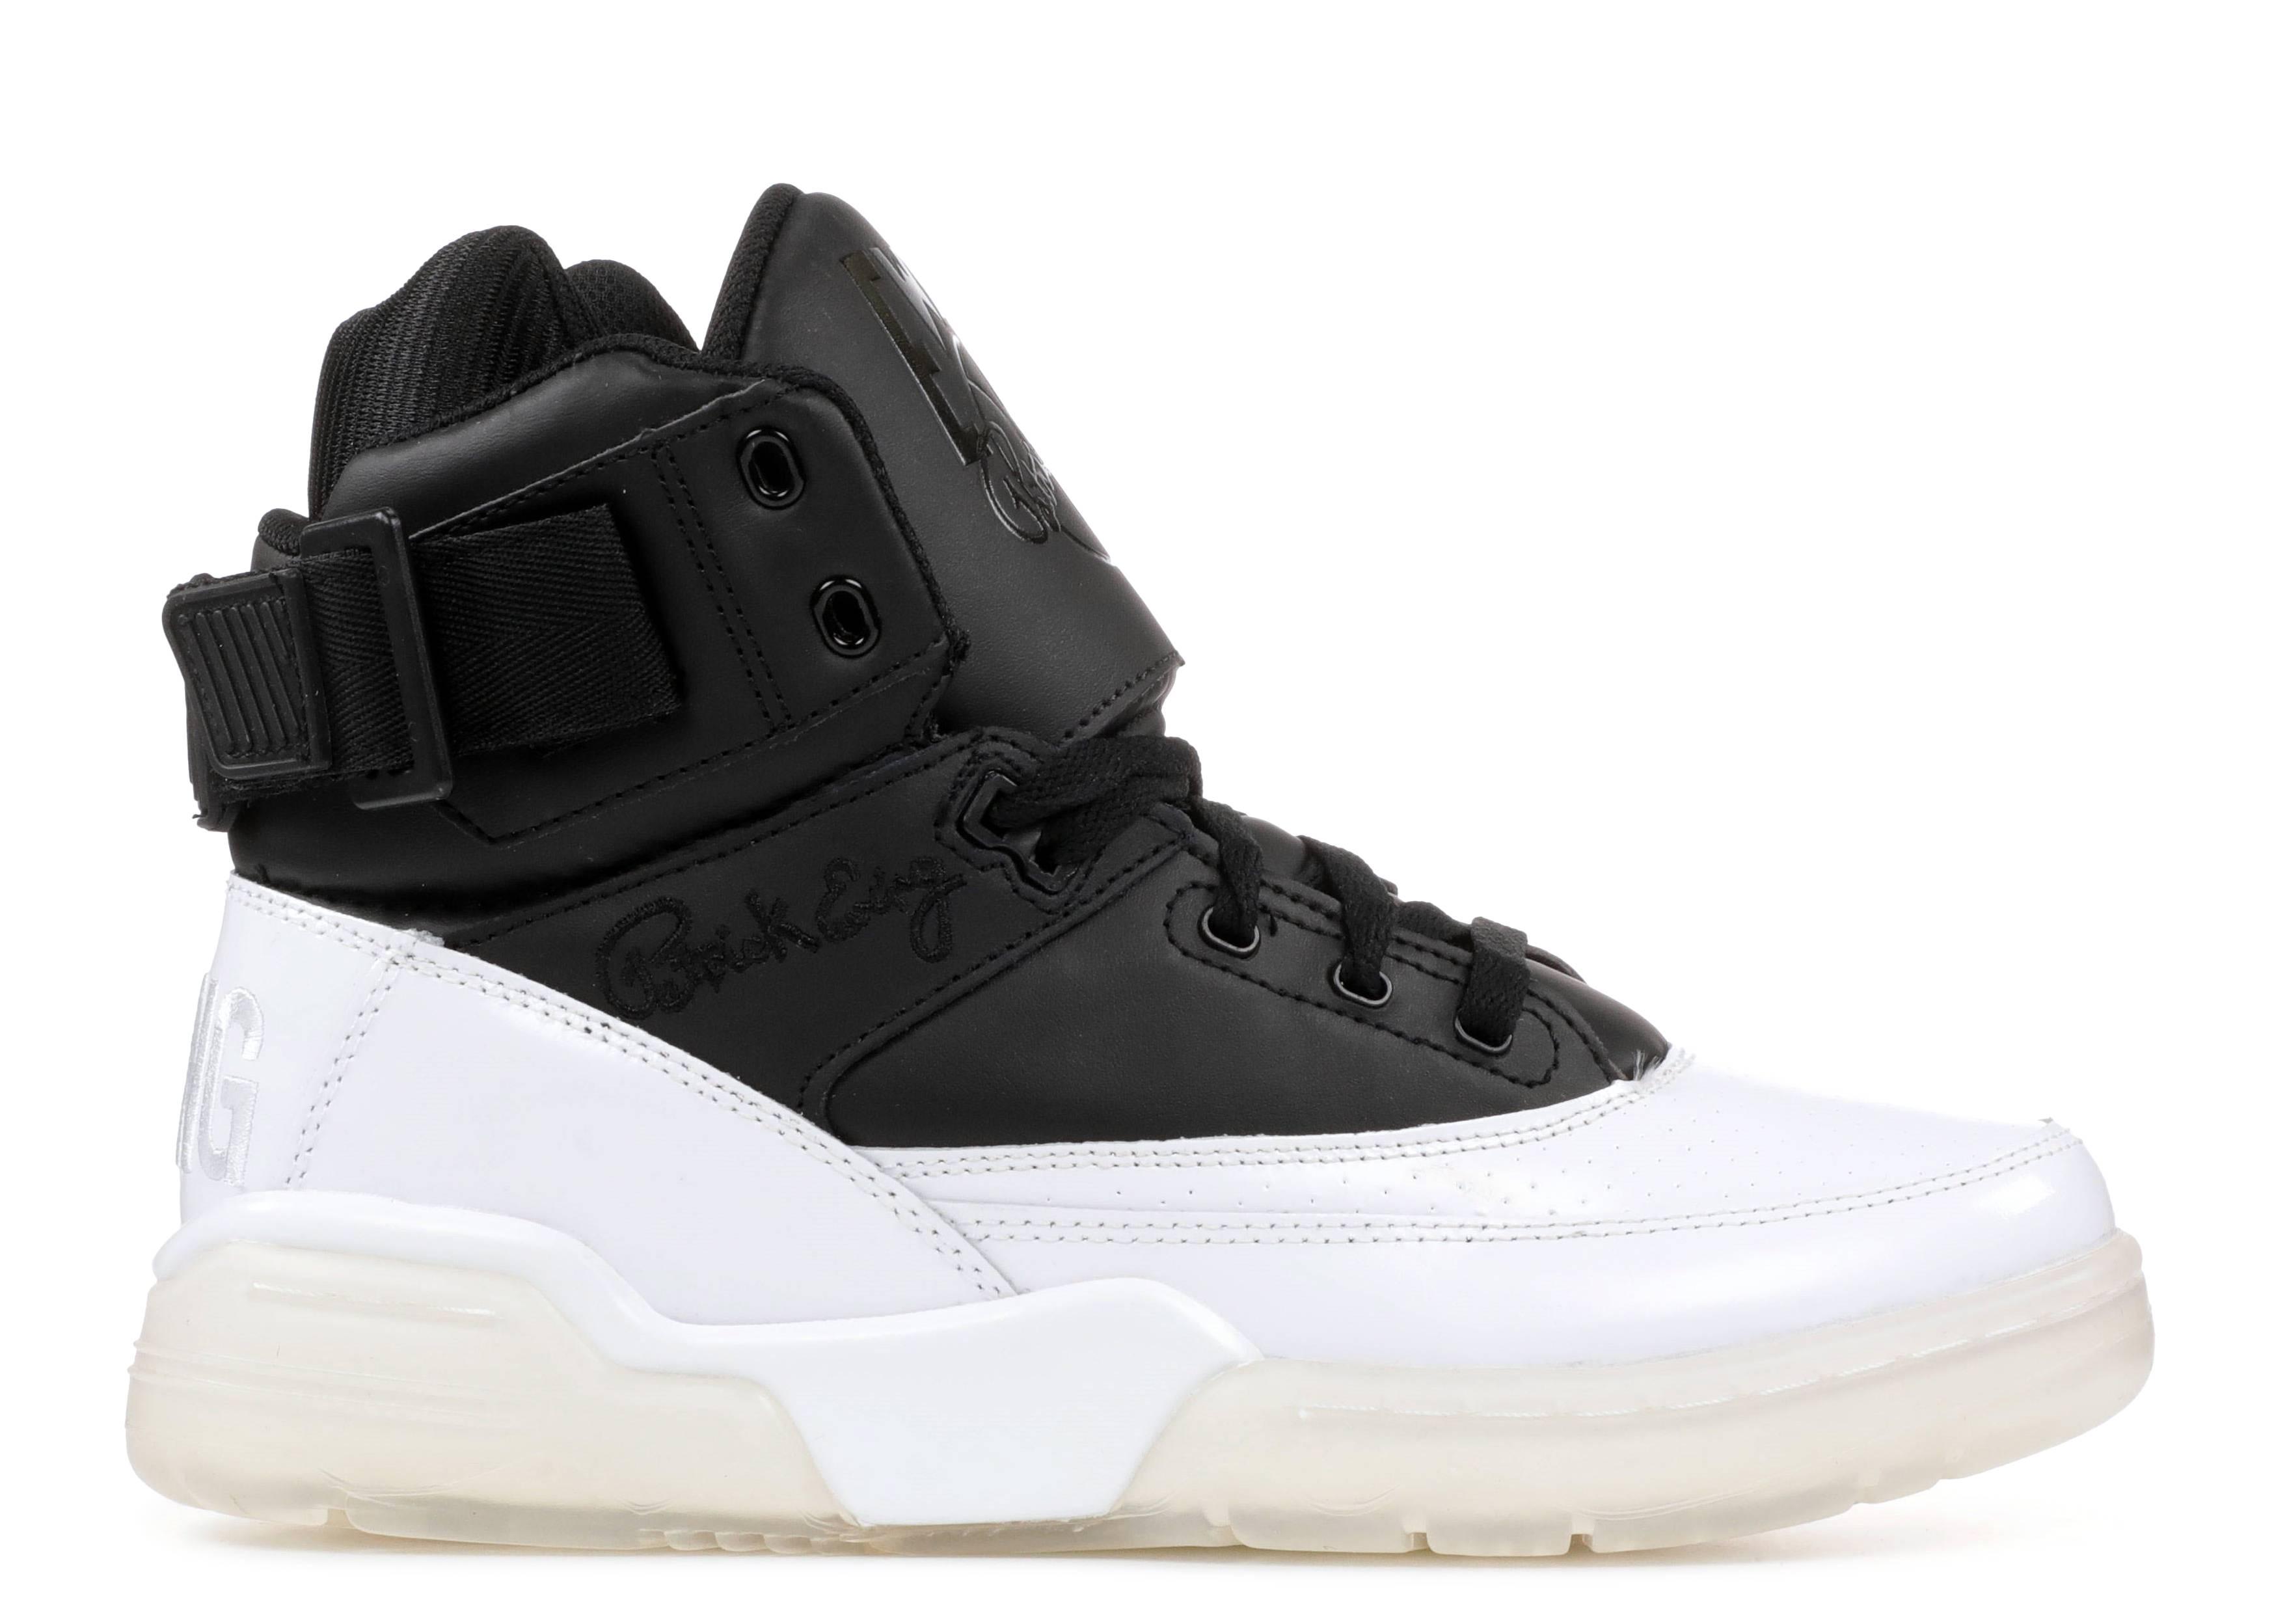 601e3dd838807 Patrick Ewing Shoes - Men s 33 Hi   More High Tops